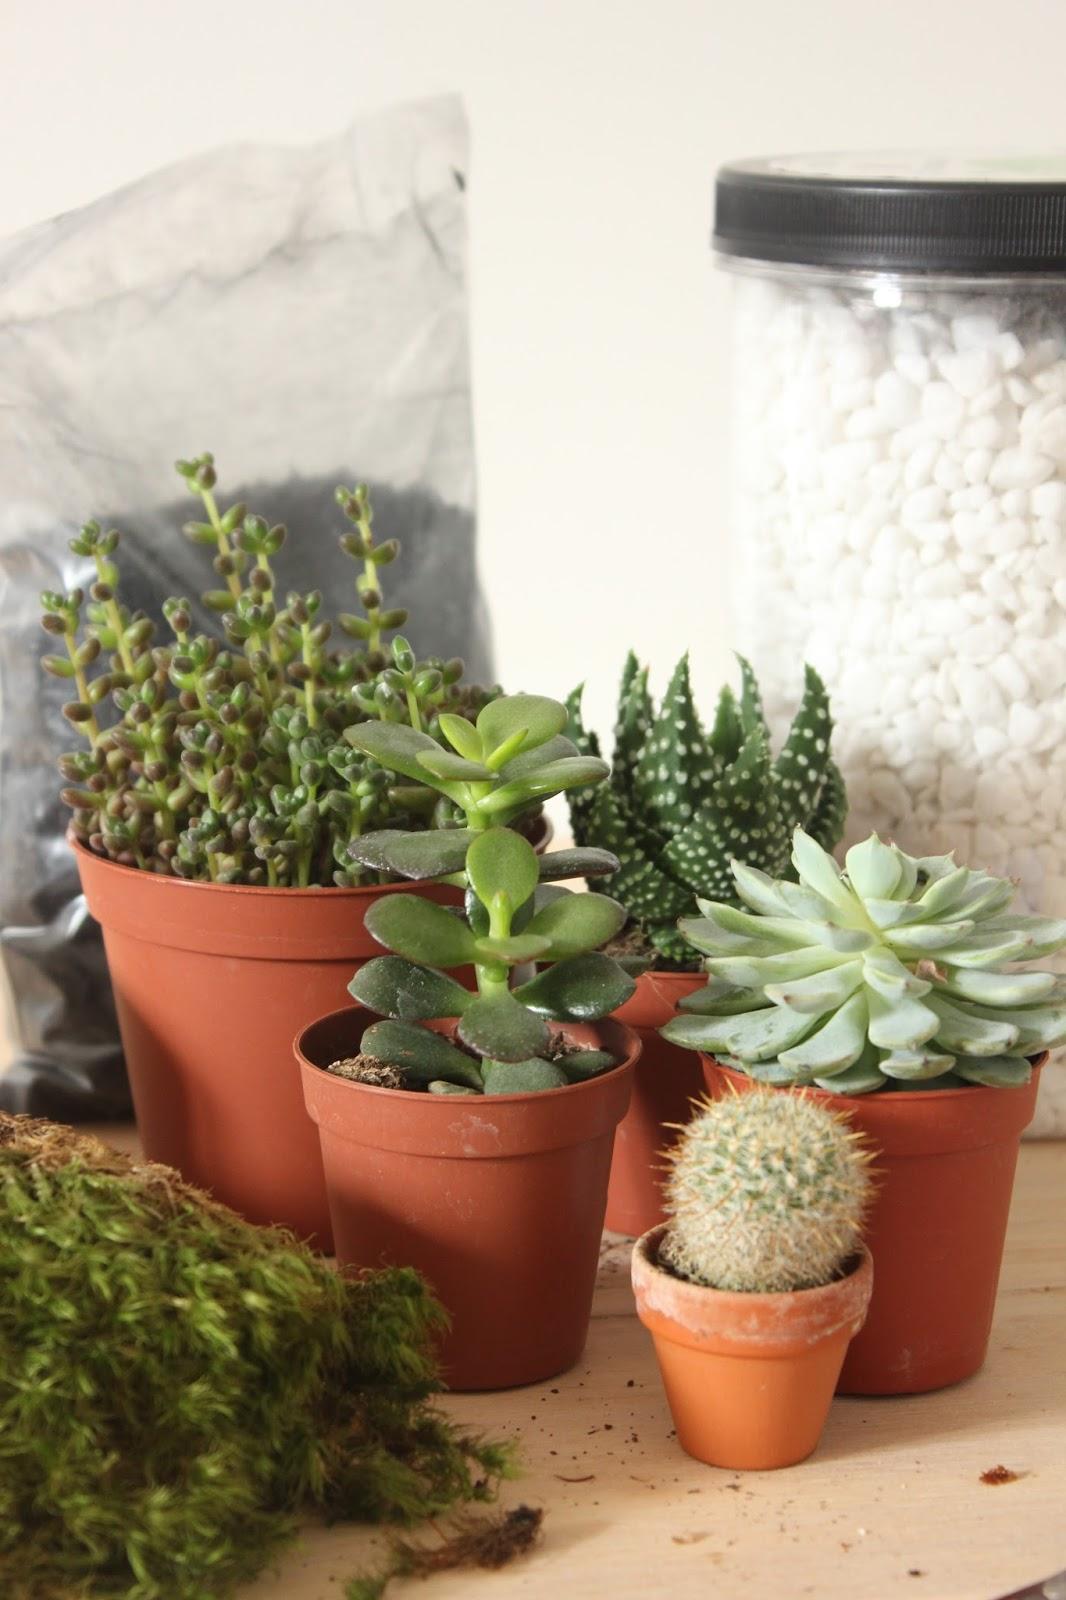 Comment Faire Un Terrarium Plante Grasse diy : fabriquer son terrarium